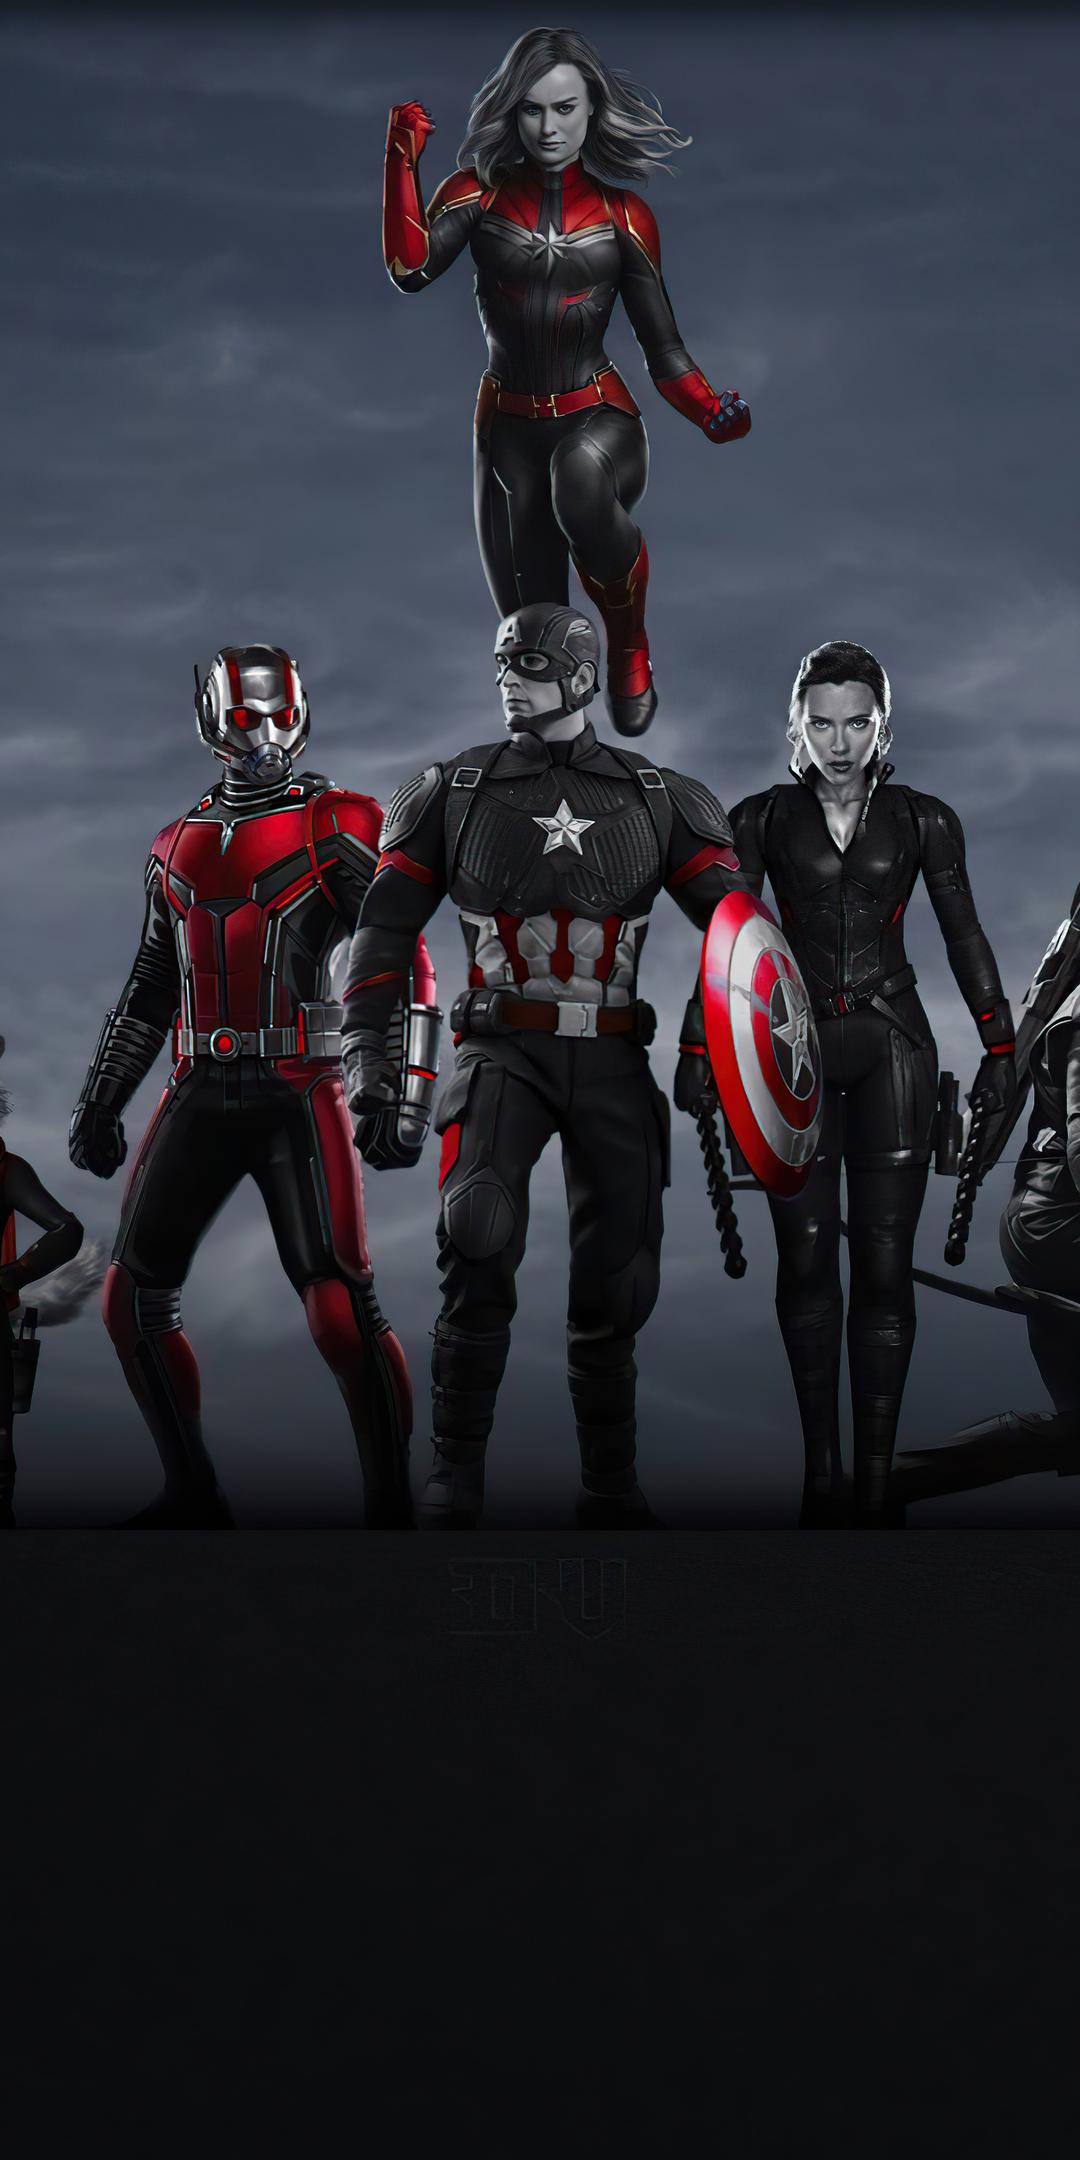 marvel-avengers-5k-gj.jpg